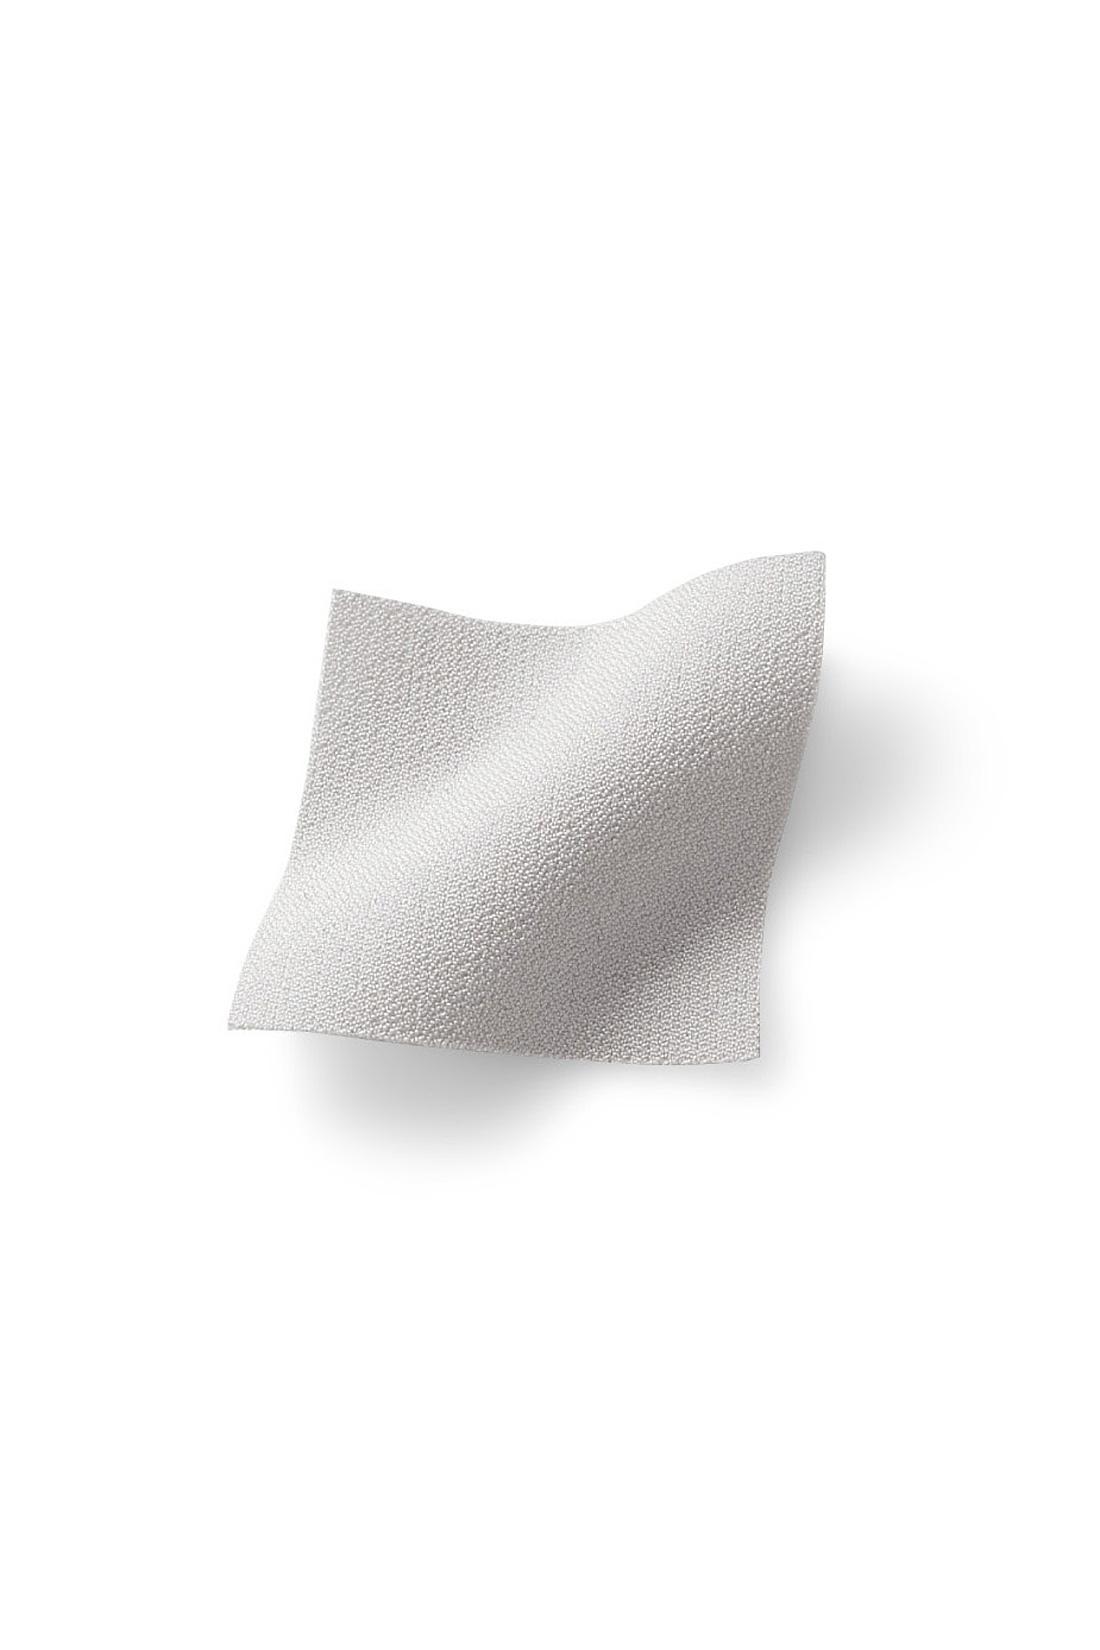 ひんやりサラサラな東レ(株)の機能素材「エアロタッシェ(R)」を使用しているから1日中快適。